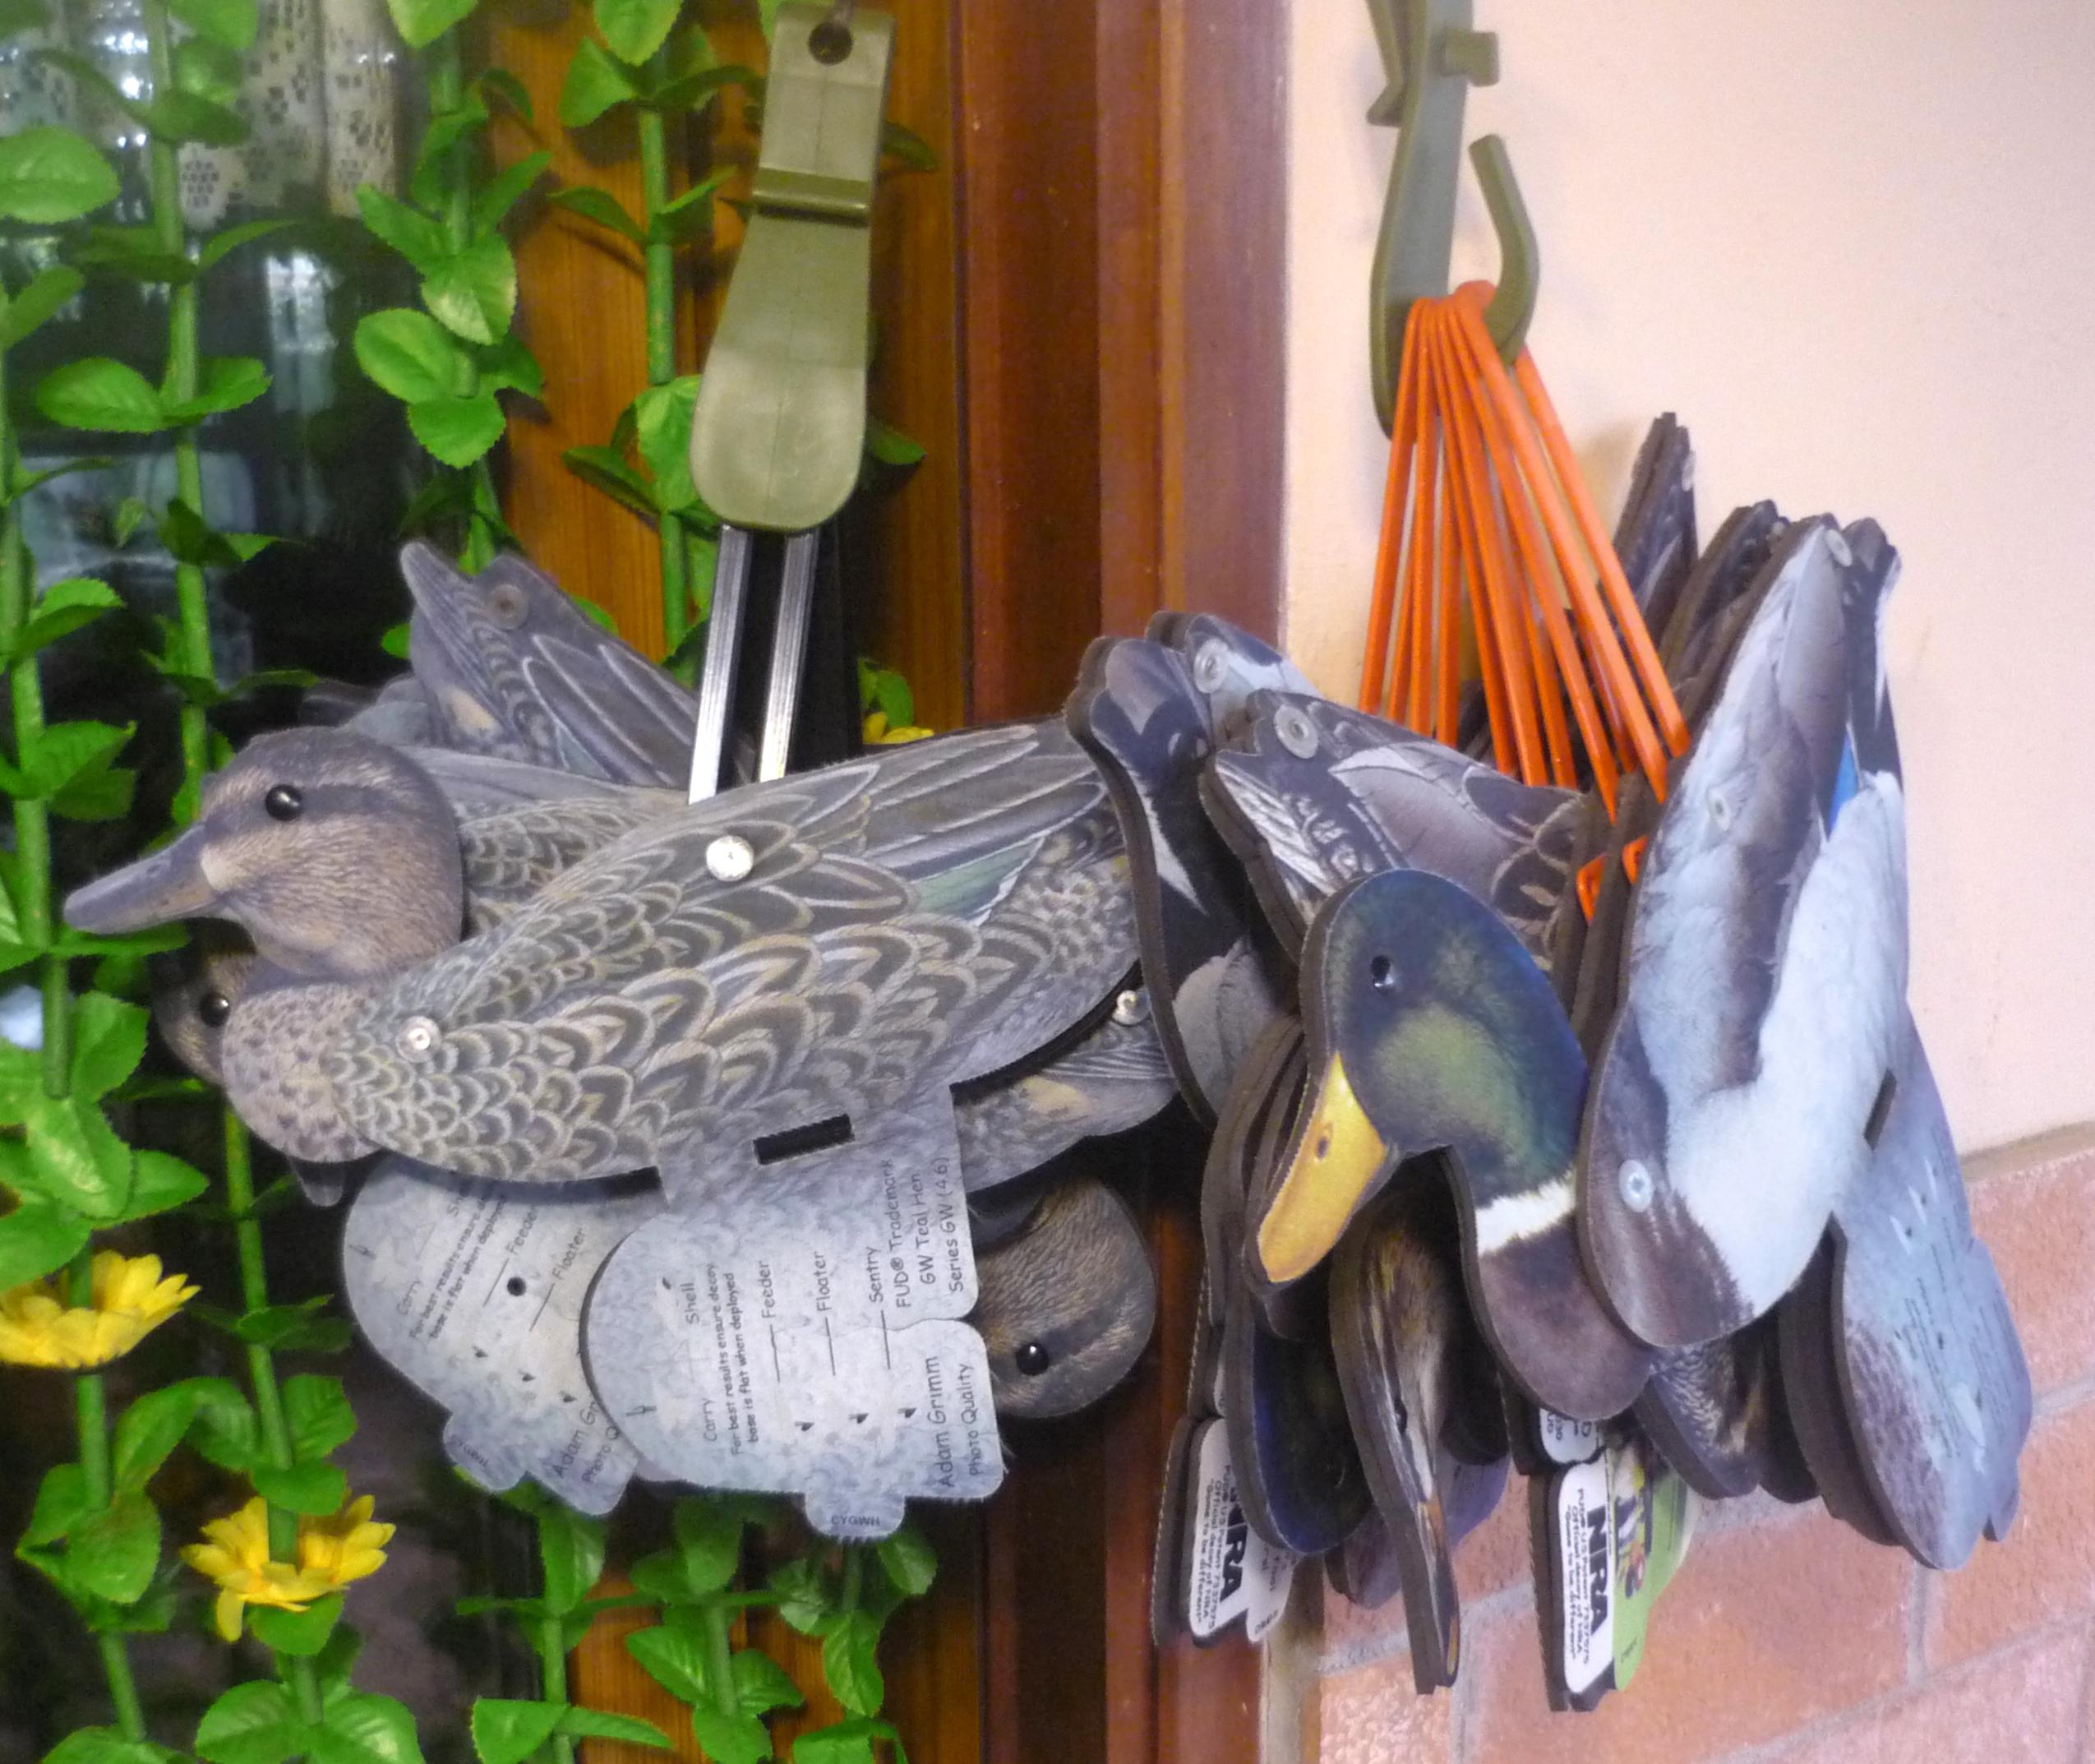 DAUERHAFT Richiamo Anatra Durevole Accessorio Cacciatore per la Chiamata